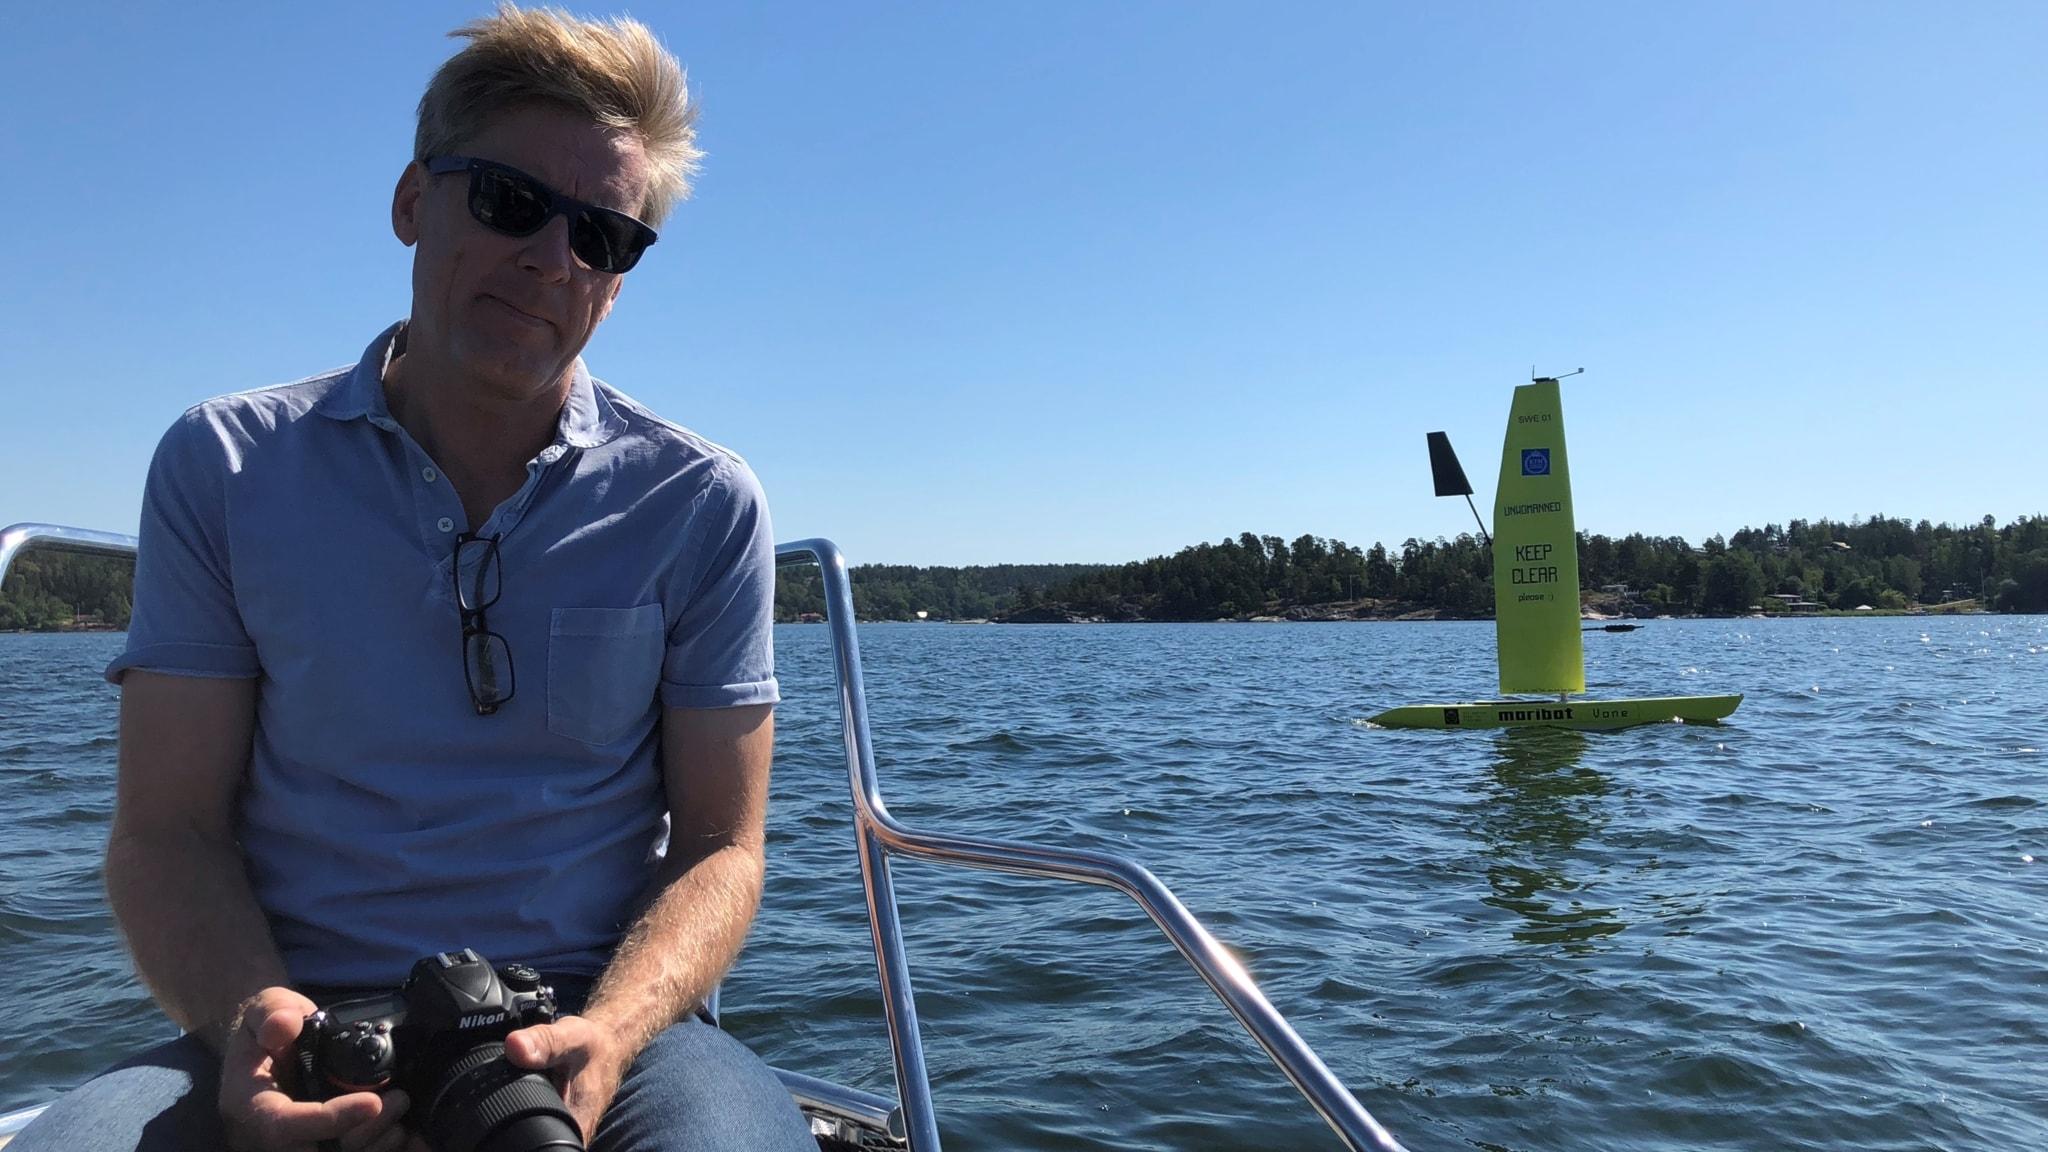 Jakob Kuttenkeuler sitter på ett båtdäck med en kamera i handen. I bakgrunden syns den gula självseglande båten.